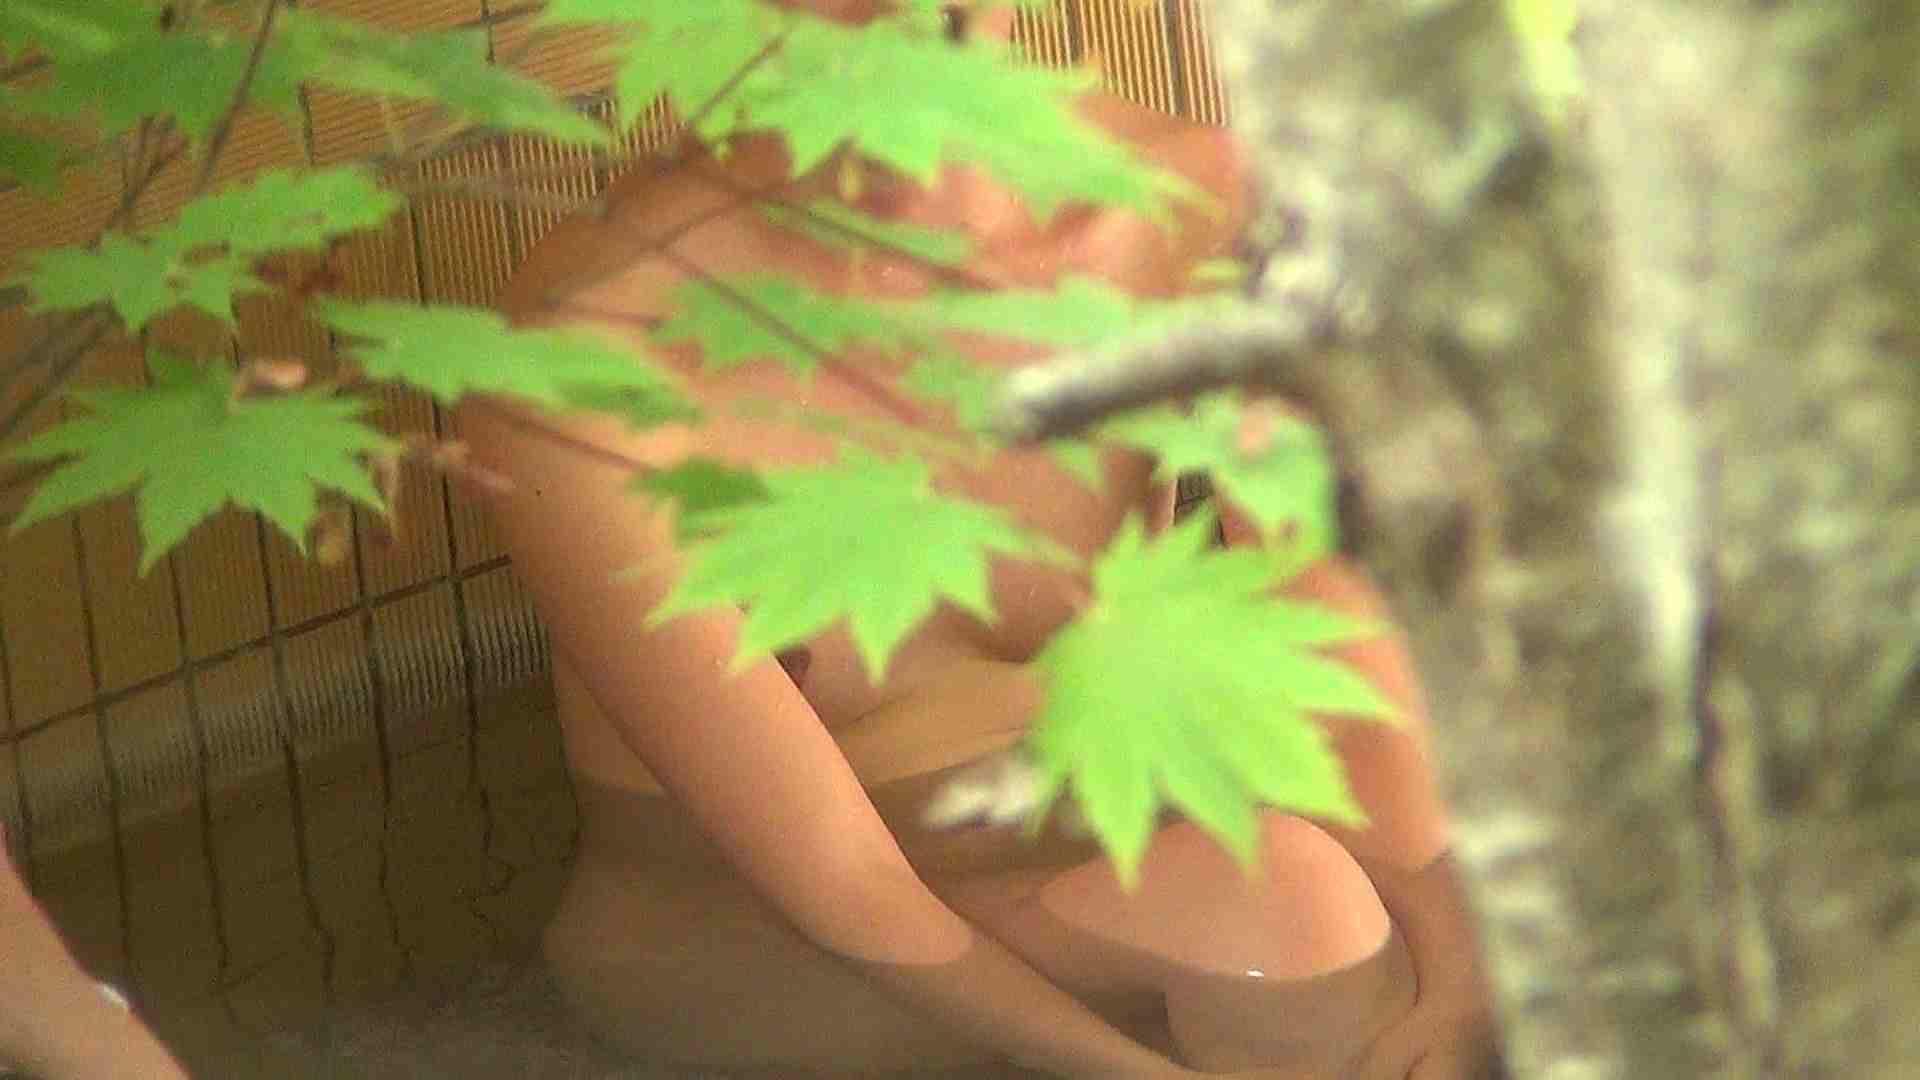 Aquaな露天風呂Vol.245 OLハメ撮り  87Pix 39